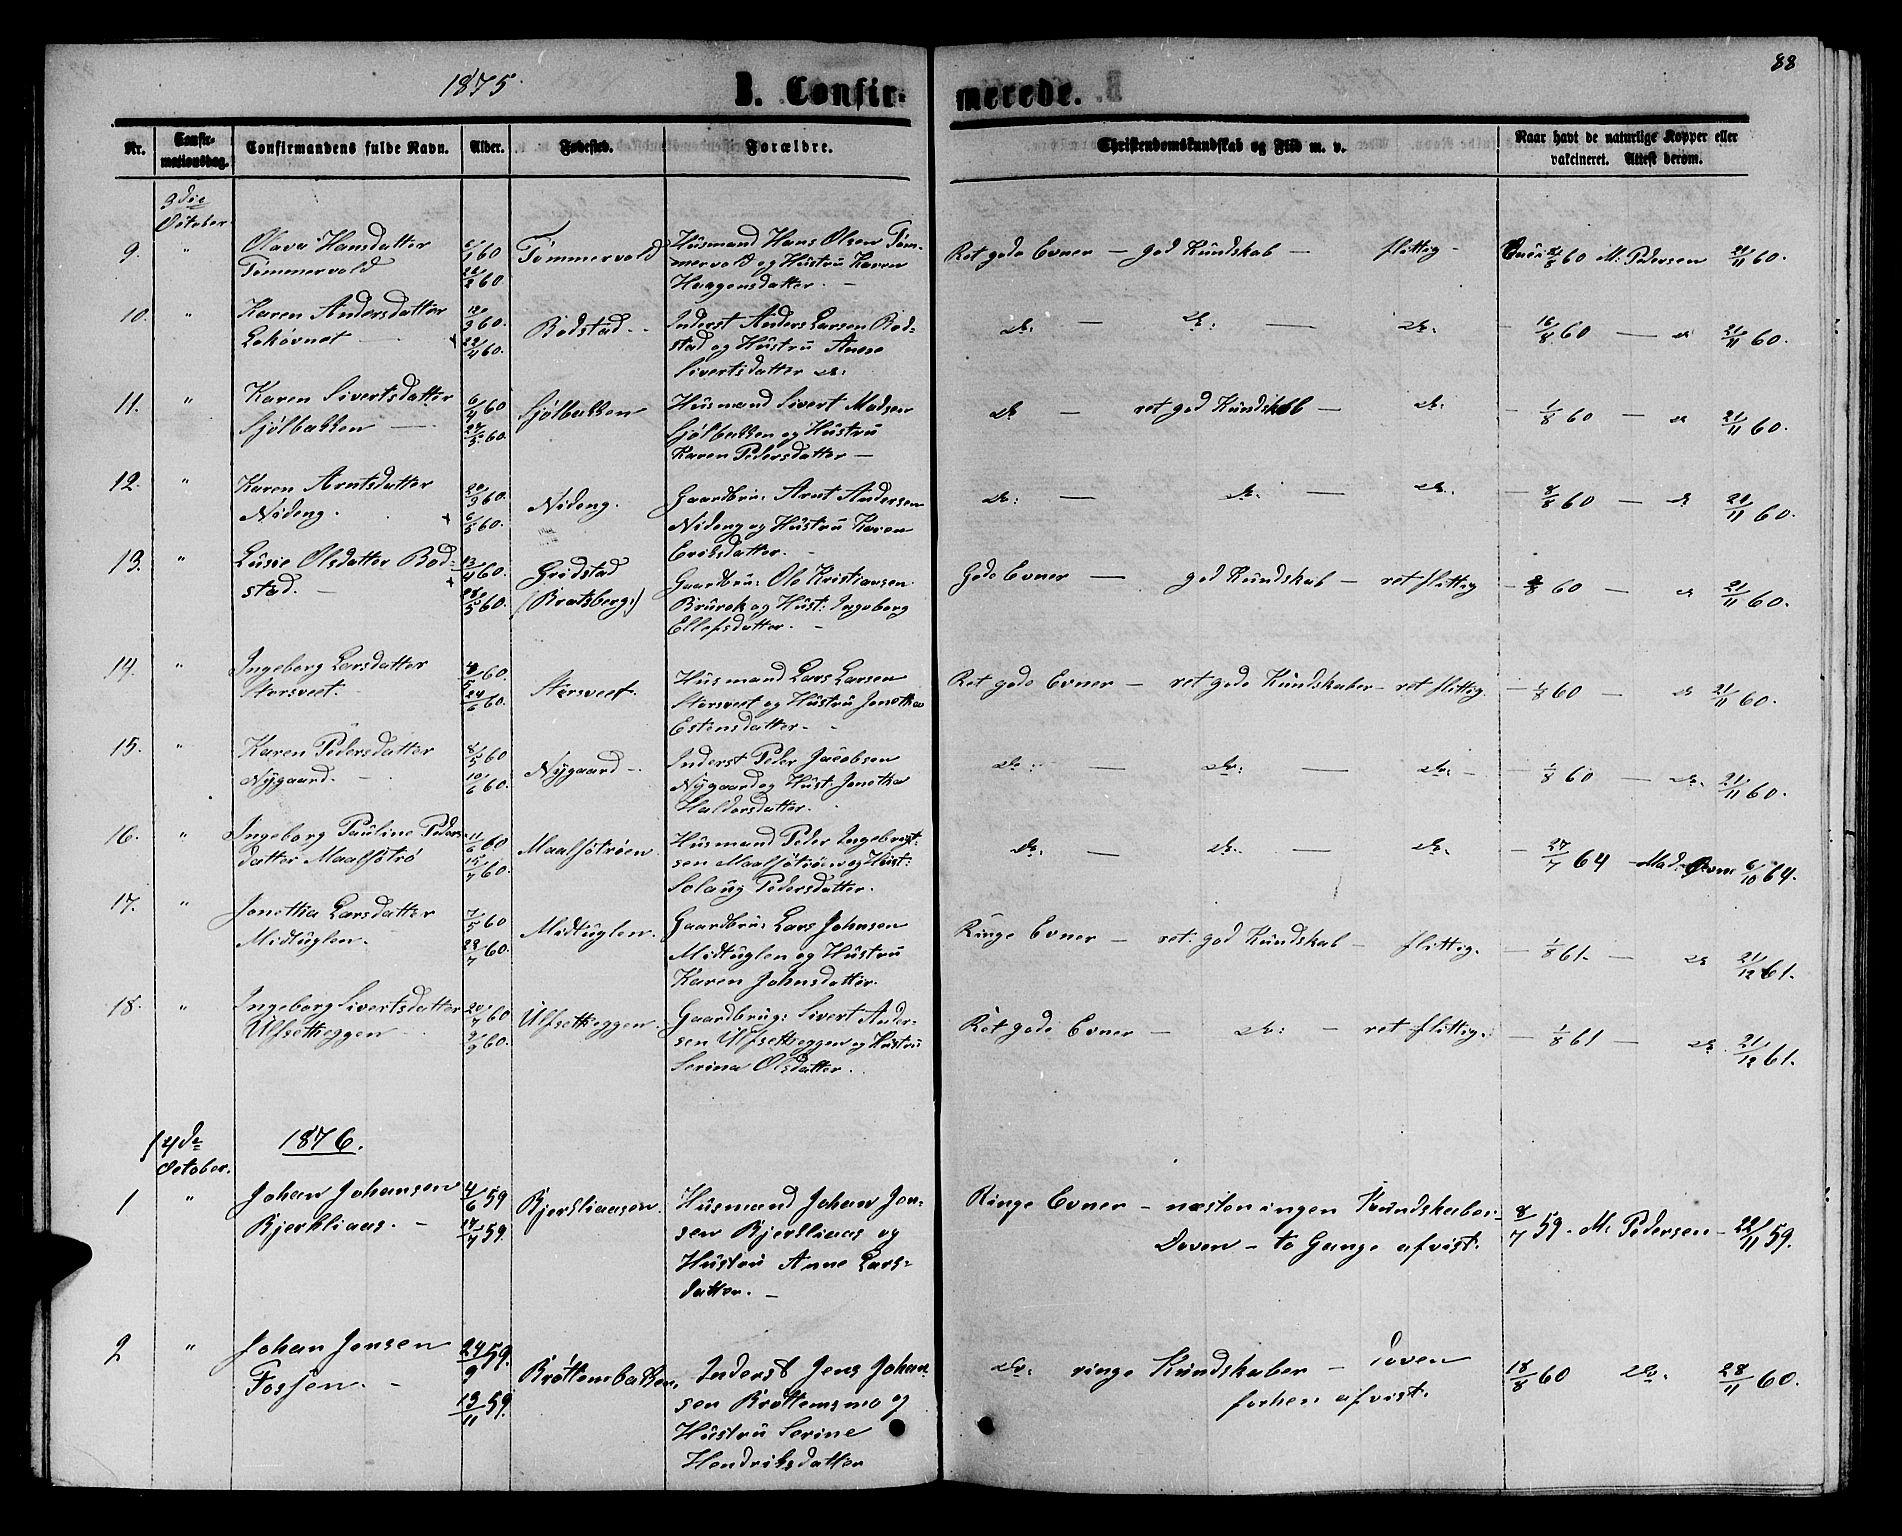 SAT, Ministerialprotokoller, klokkerbøker og fødselsregistre - Sør-Trøndelag, 618/L0451: Klokkerbok nr. 618C02, 1865-1883, s. 88